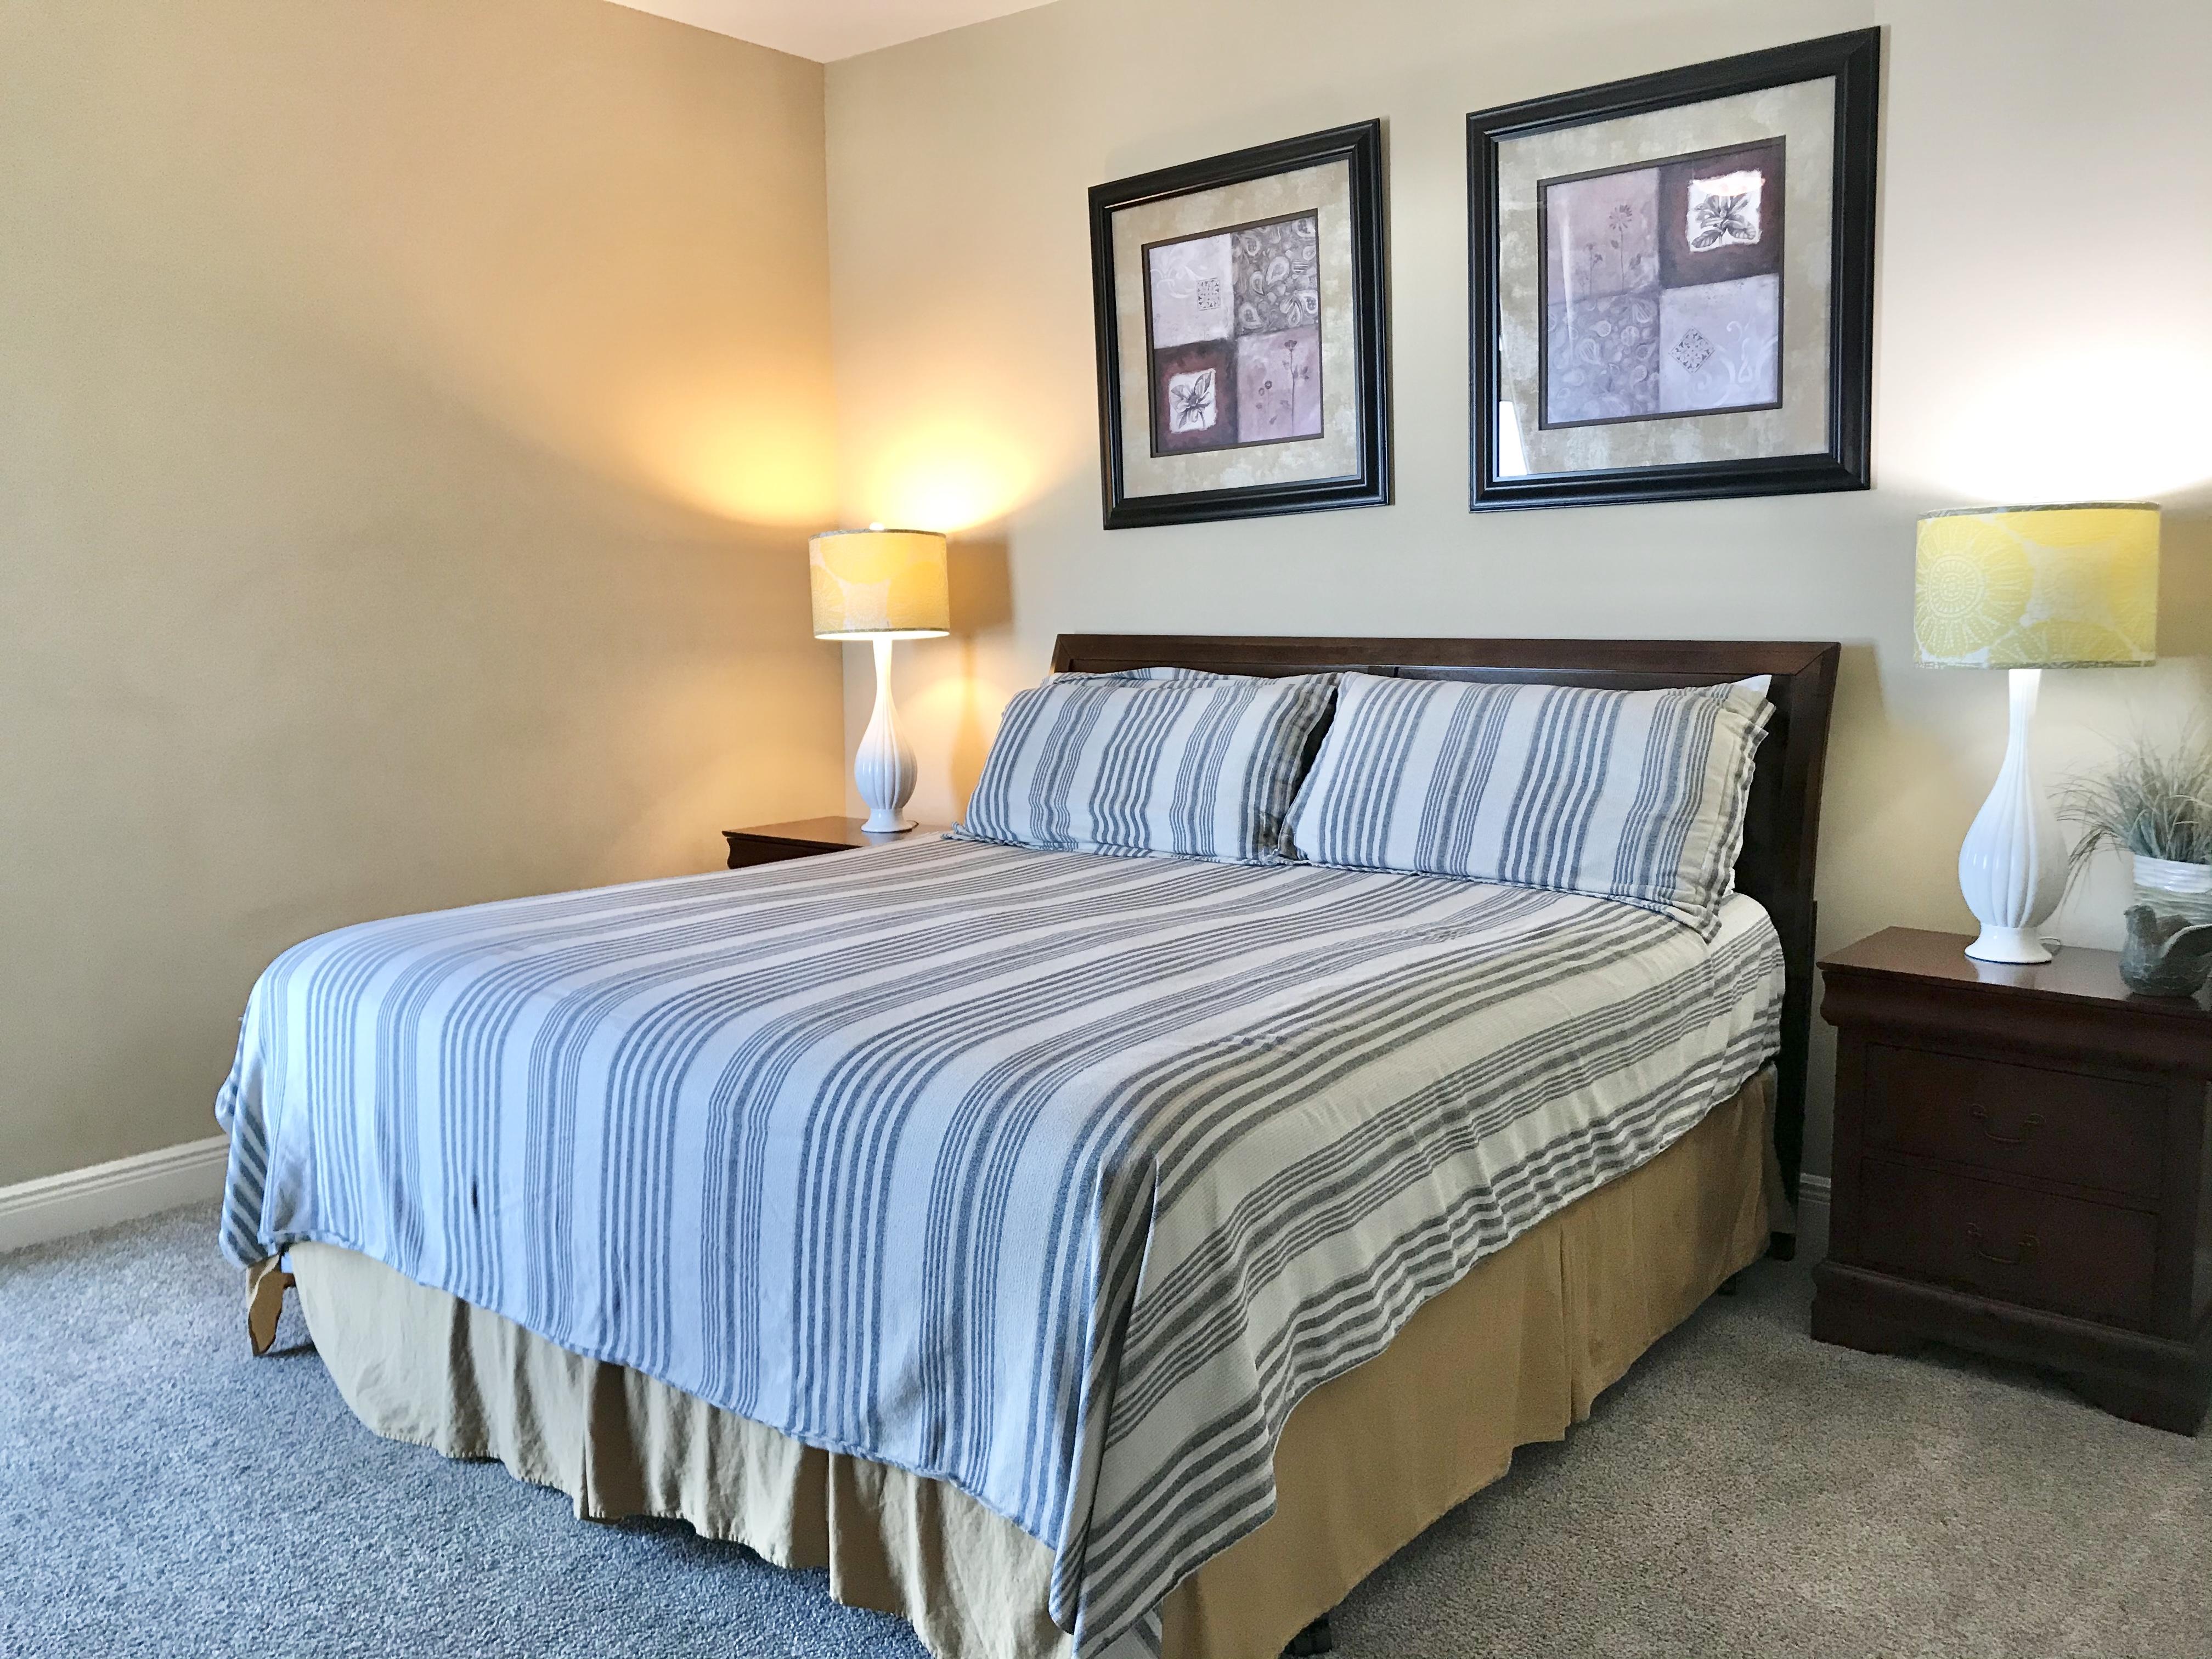 Mustique 401 Condo rental in Mustique in Gulf Shores Alabama - #45